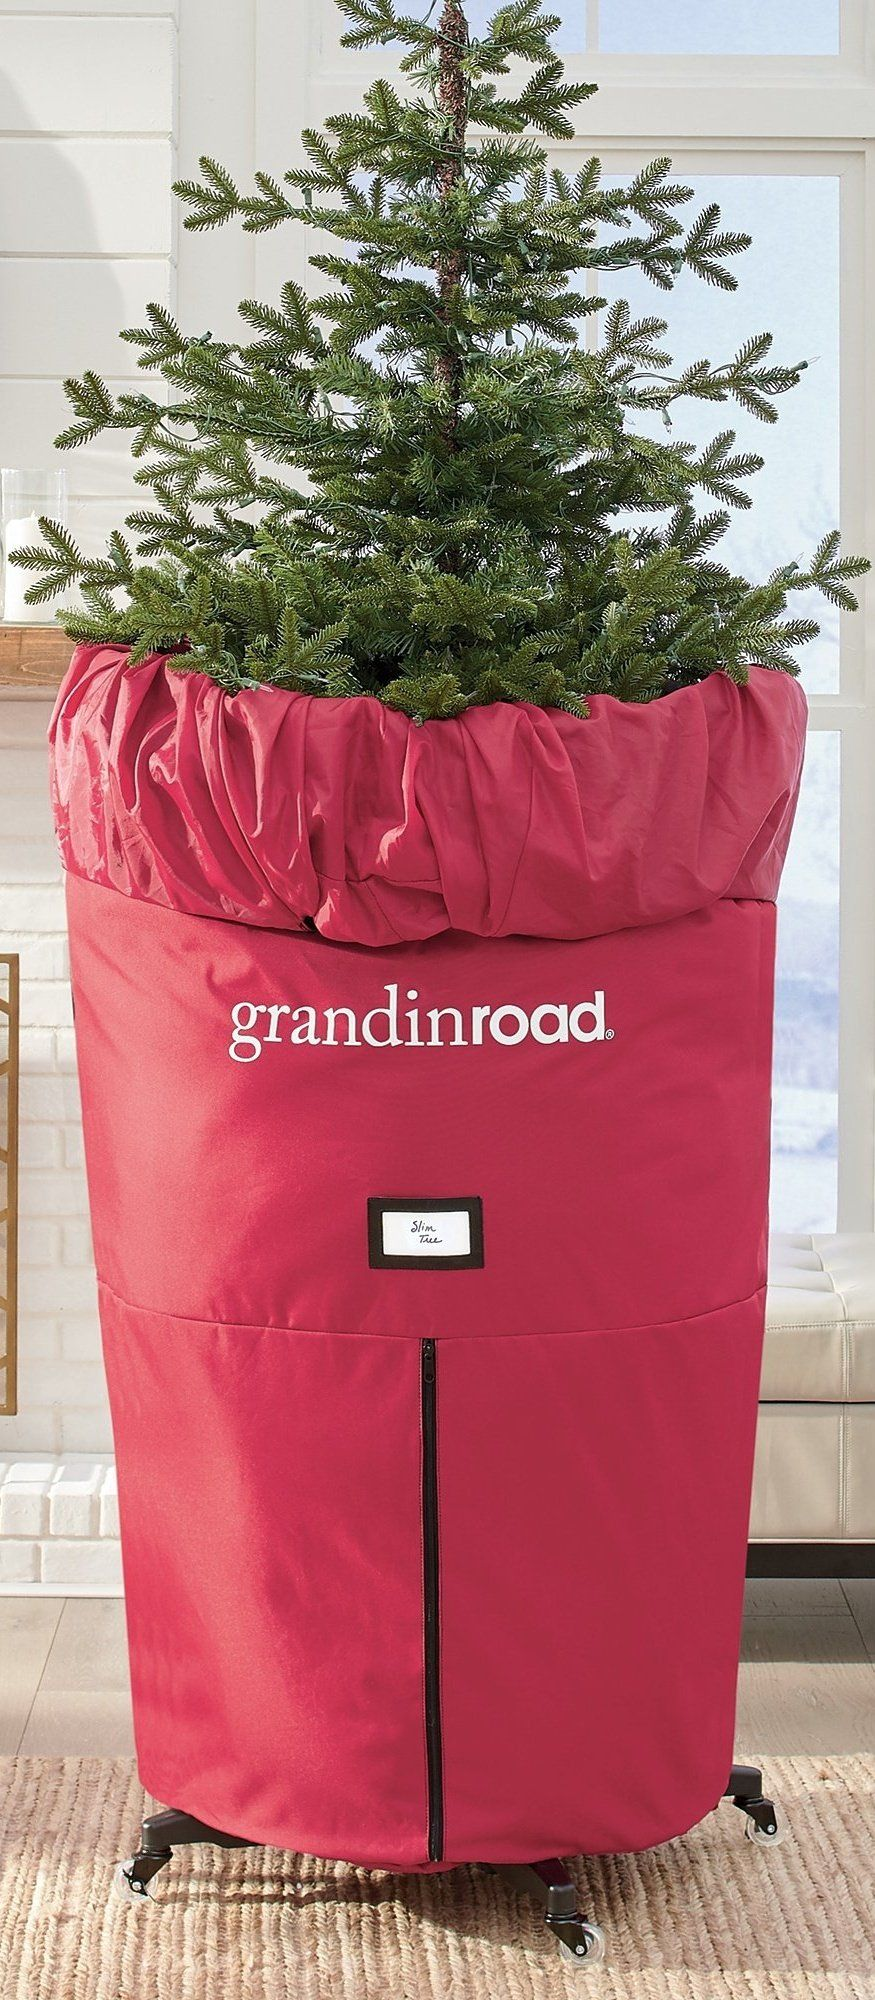 Upright Slim Tree Storage Grandin Road In 2021 Slim Tree Christmas Tree Storage Bag Christmas Tree Storage Christmas tree upright storage bag